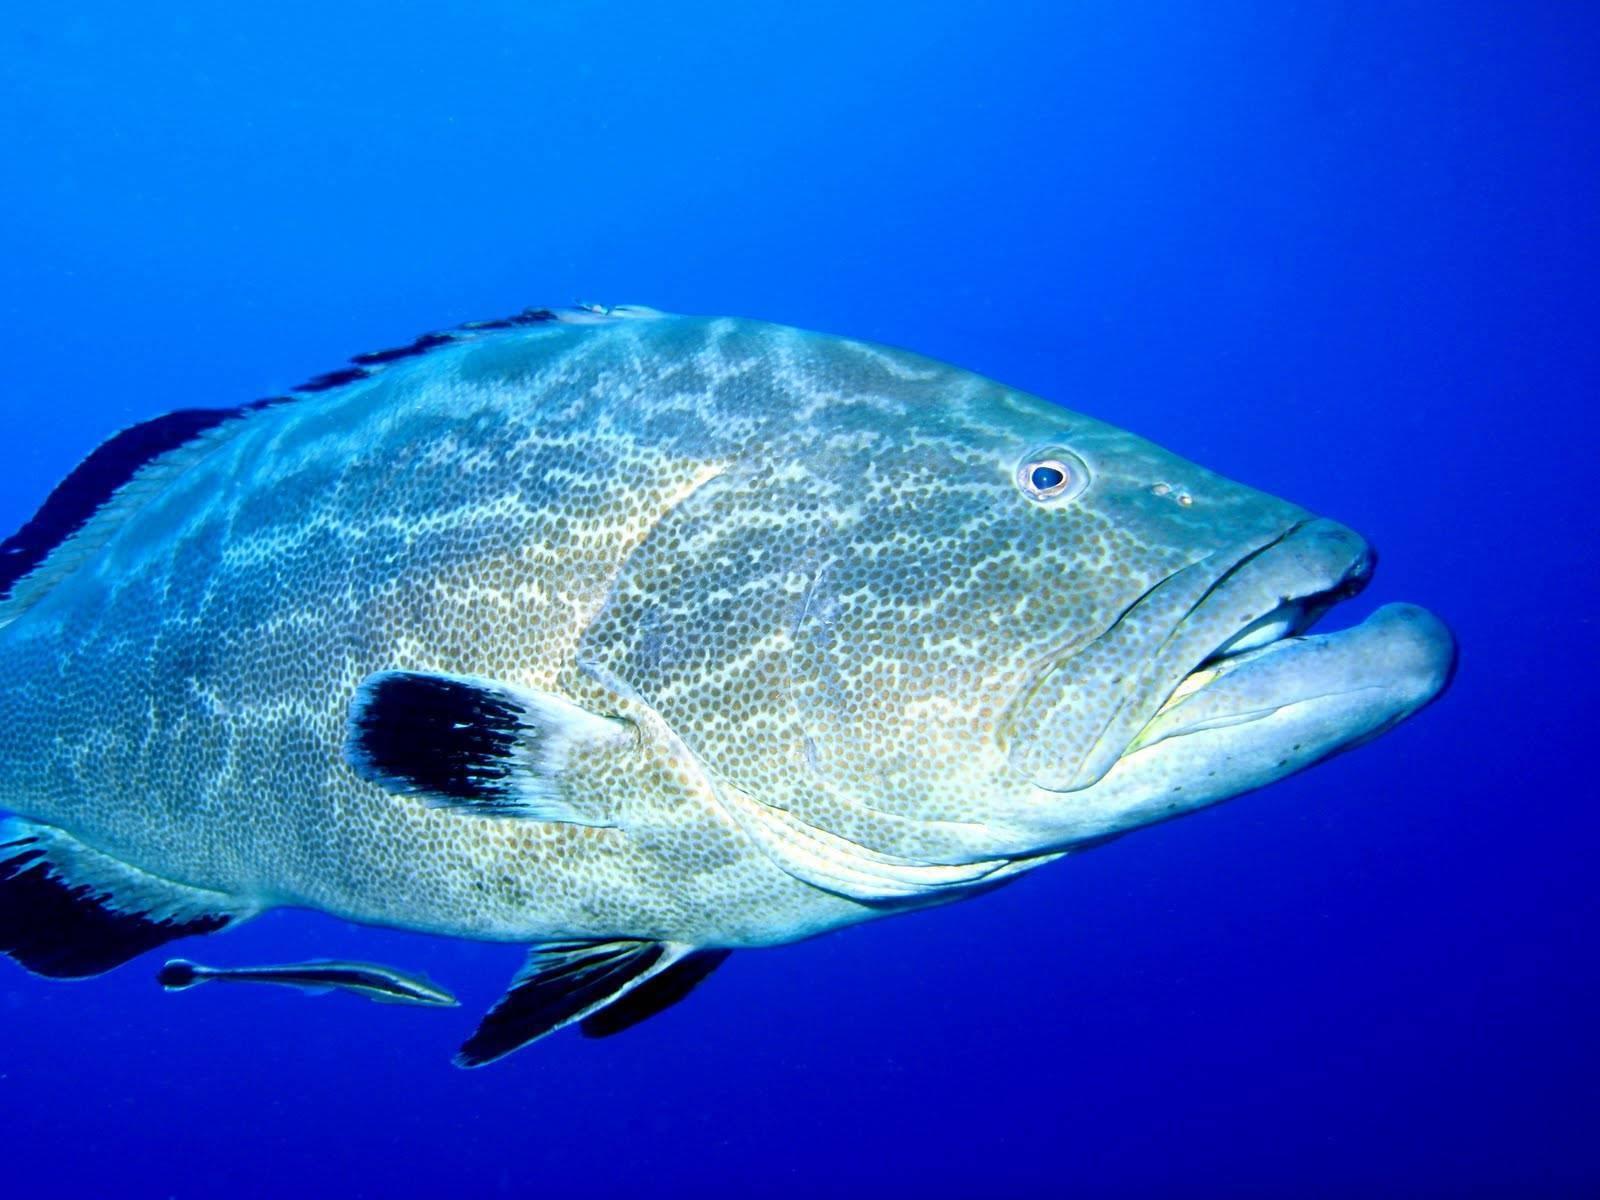 Химерообразные рыбы: ареал, внешний вид, размножение и образ жизни